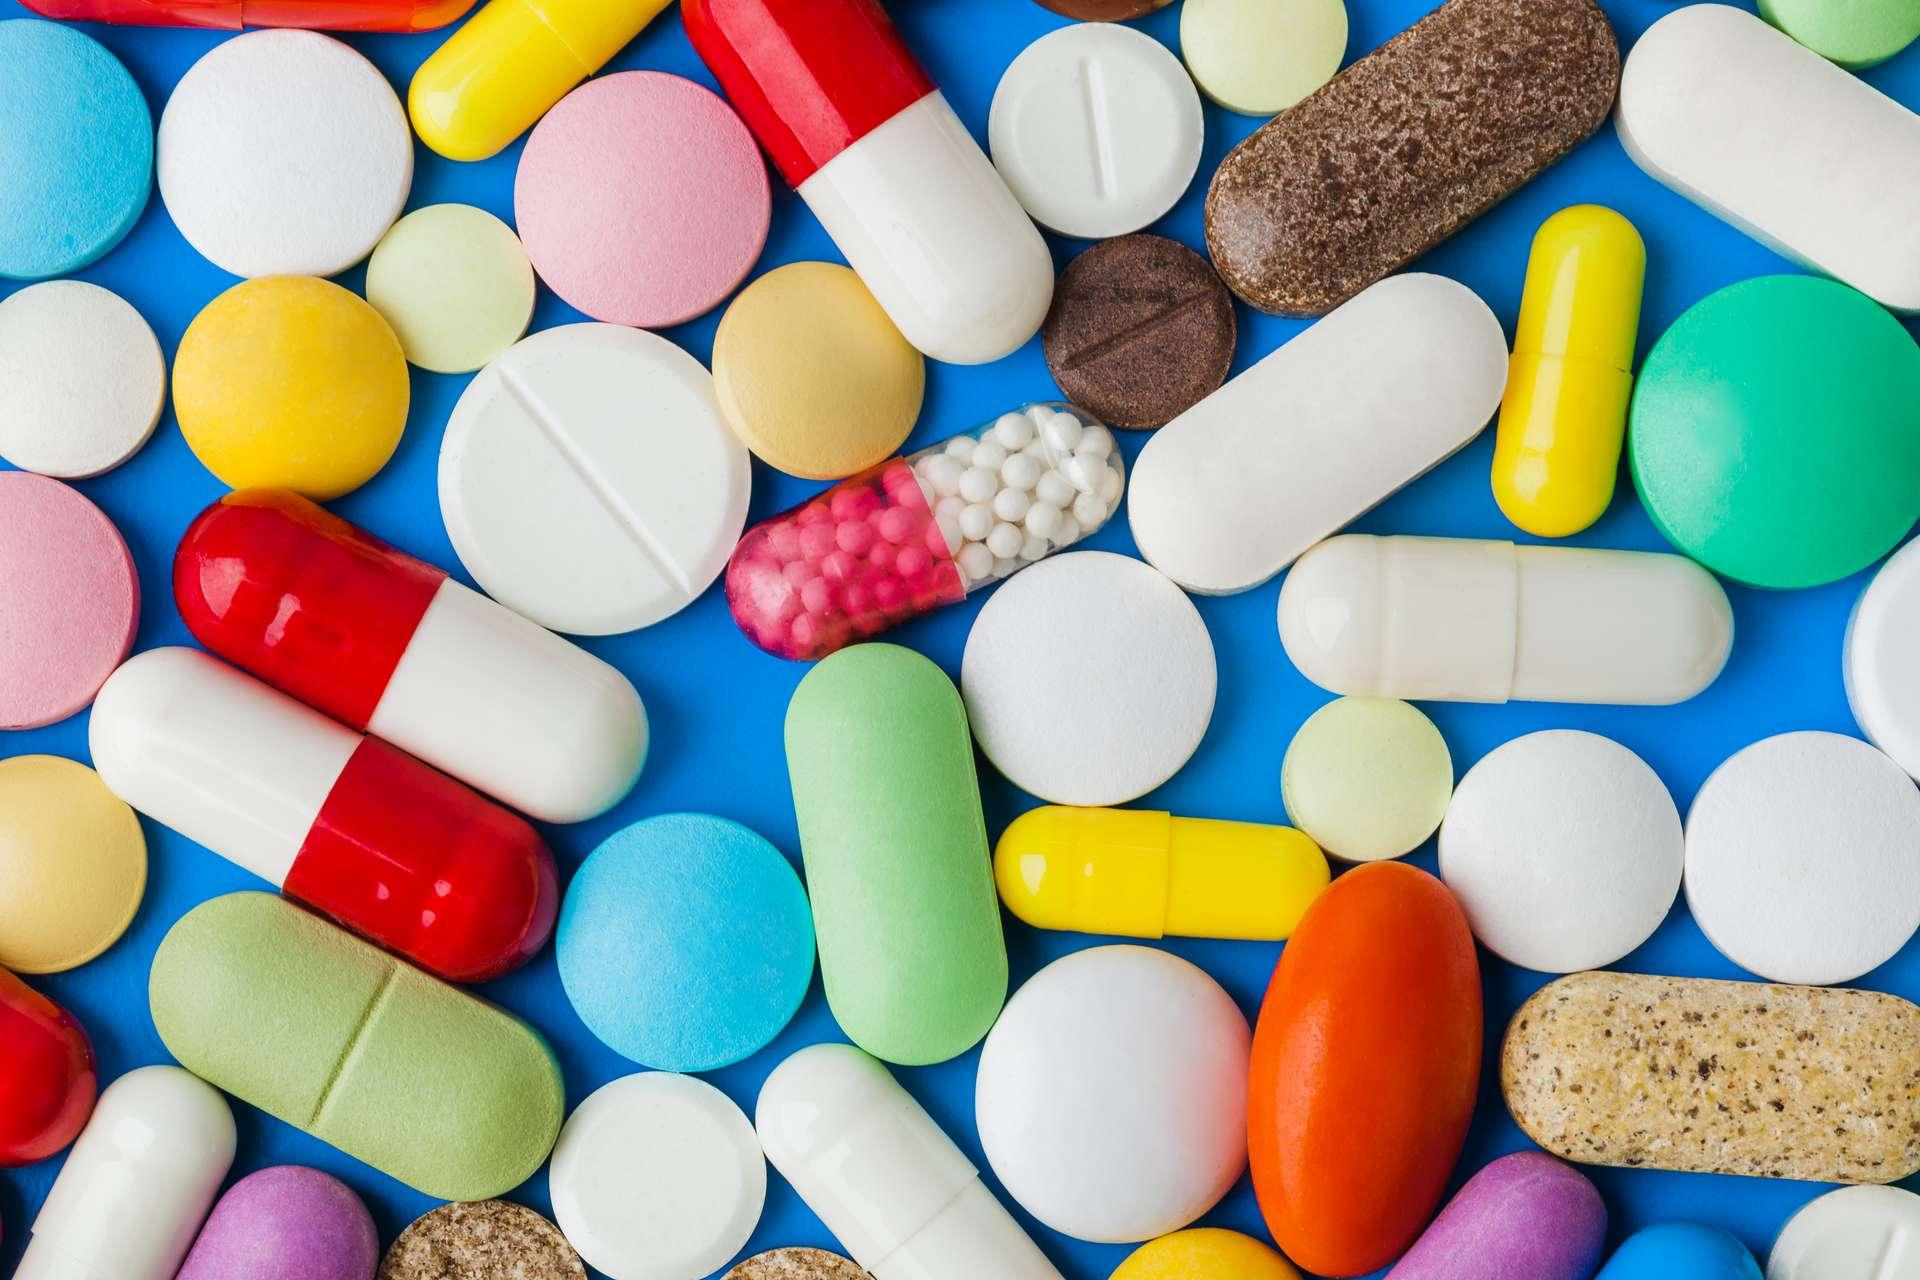 L'automédication peut-être dangereuse. Ne prenez pas de médicament sans consulter votre médecin. © Nikolai Sorokin, Adobe Stock